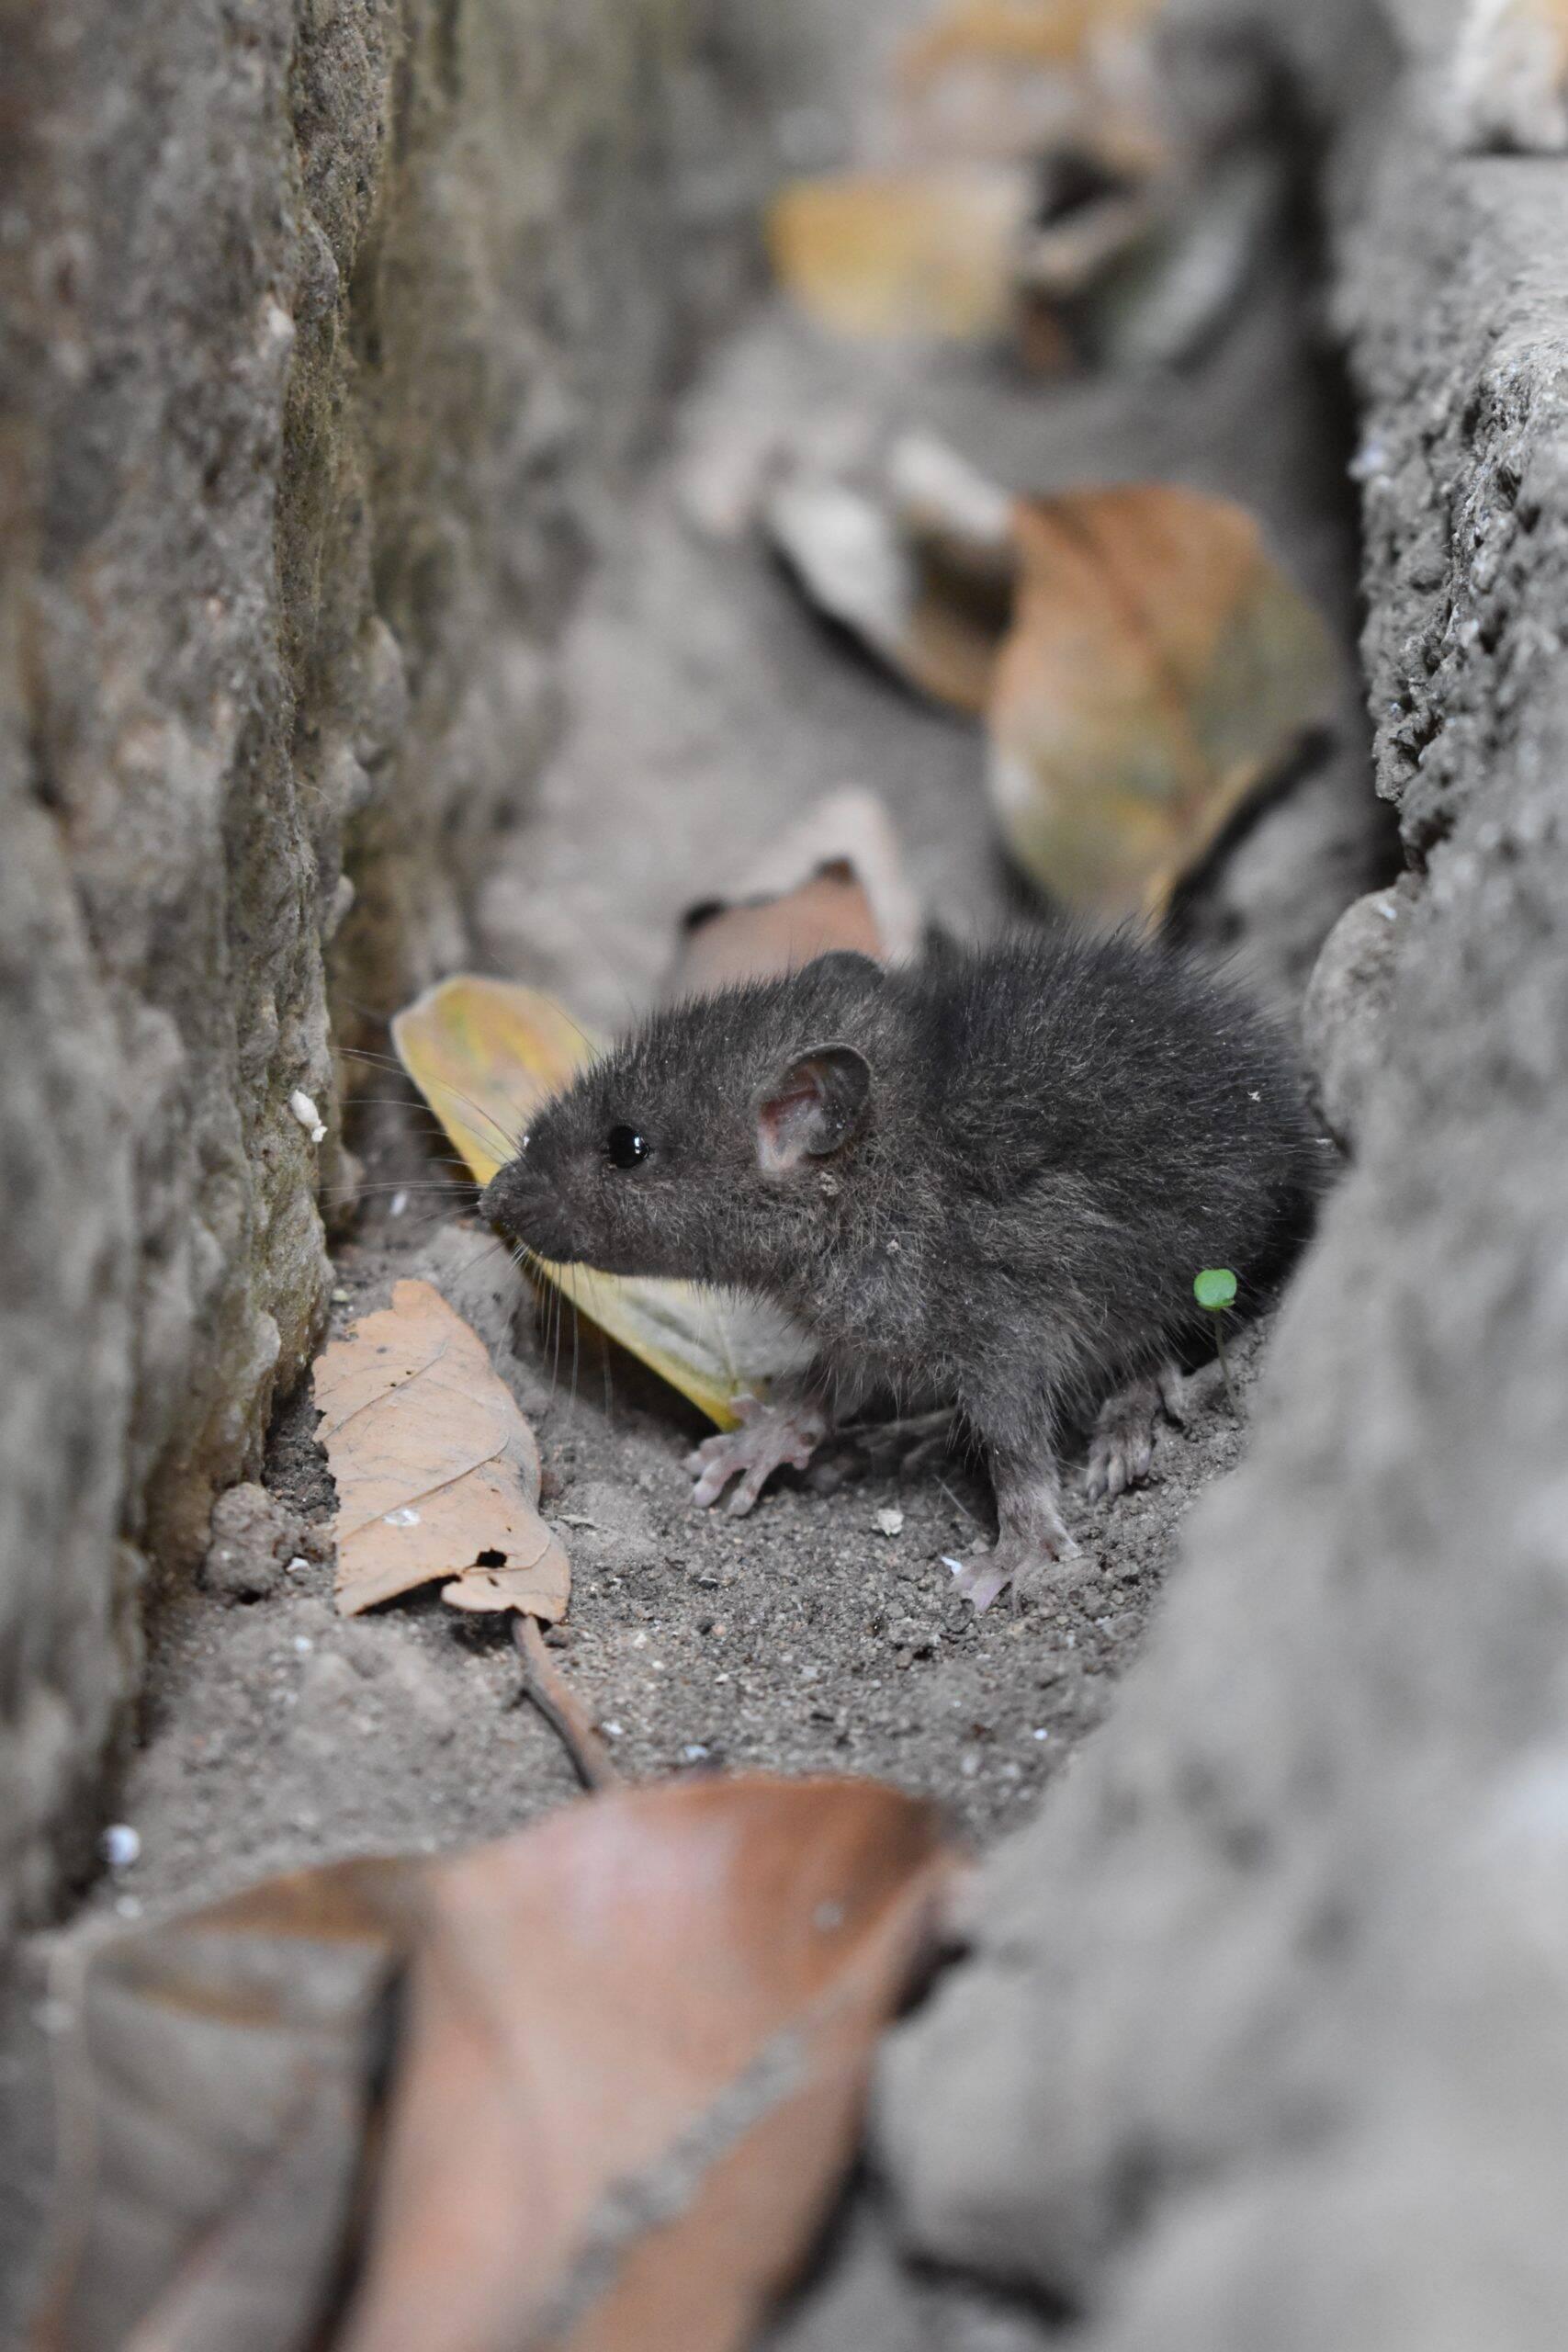 A transmissão do vírus ocorre pelo xixi ou fezes de ratos africanos Mastomys. A doença danifica órgãos e rompe vasos sanguíneos. (Foto: Unsplash)